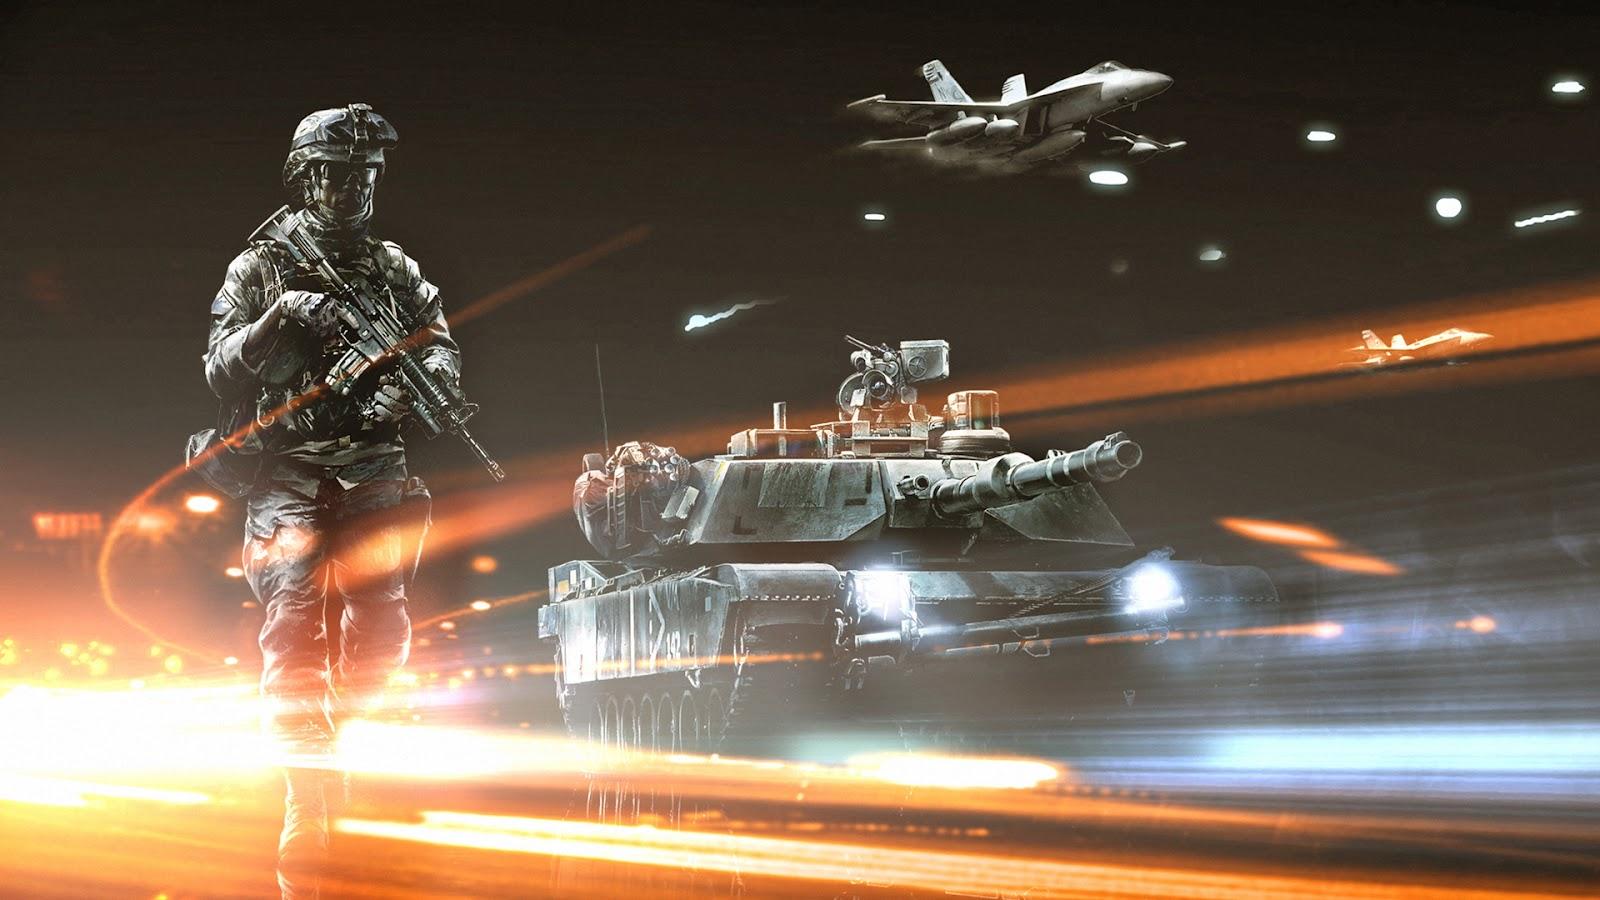 http://1.bp.blogspot.com/--6cdb_NuUvQ/UBVHyfLQgxI/AAAAAAAAE1I/psFlB1teM1Y/s1600/battlefield+3+wallpaper+4.jpg